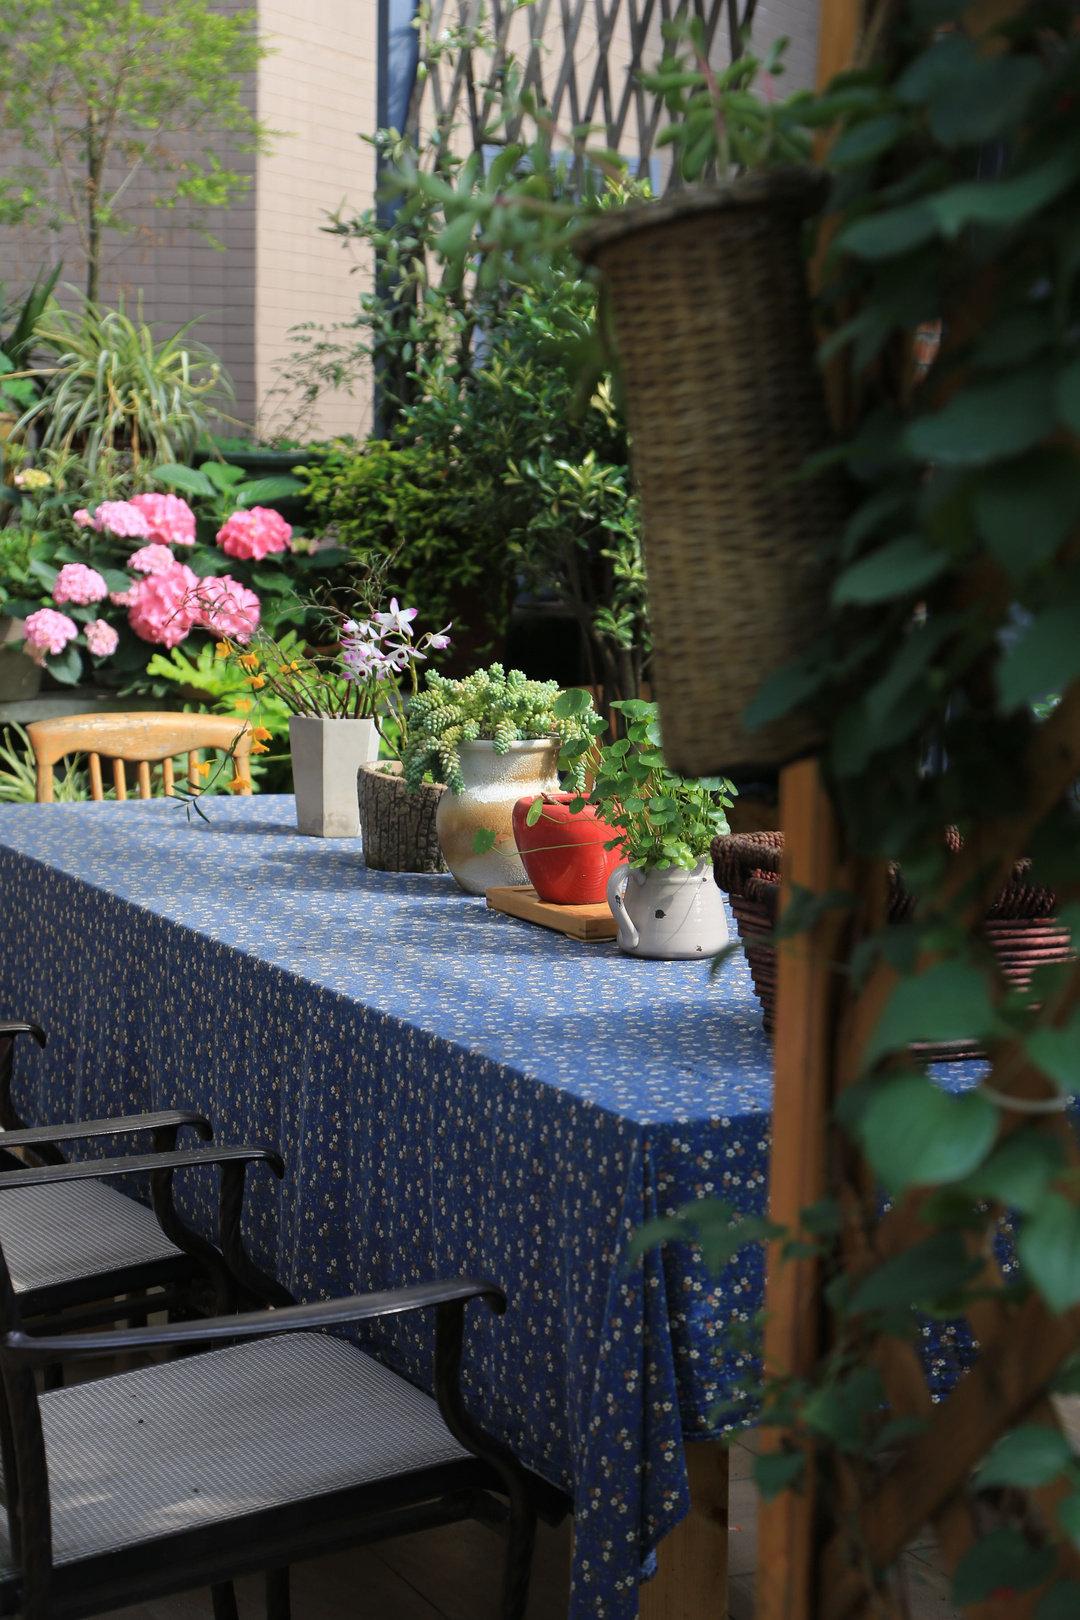 """Khu vườn quanh năm chỉ có """"mùa xuân"""" ở lại của cô giáo dạy Toán xinh đẹp - Ảnh 13."""